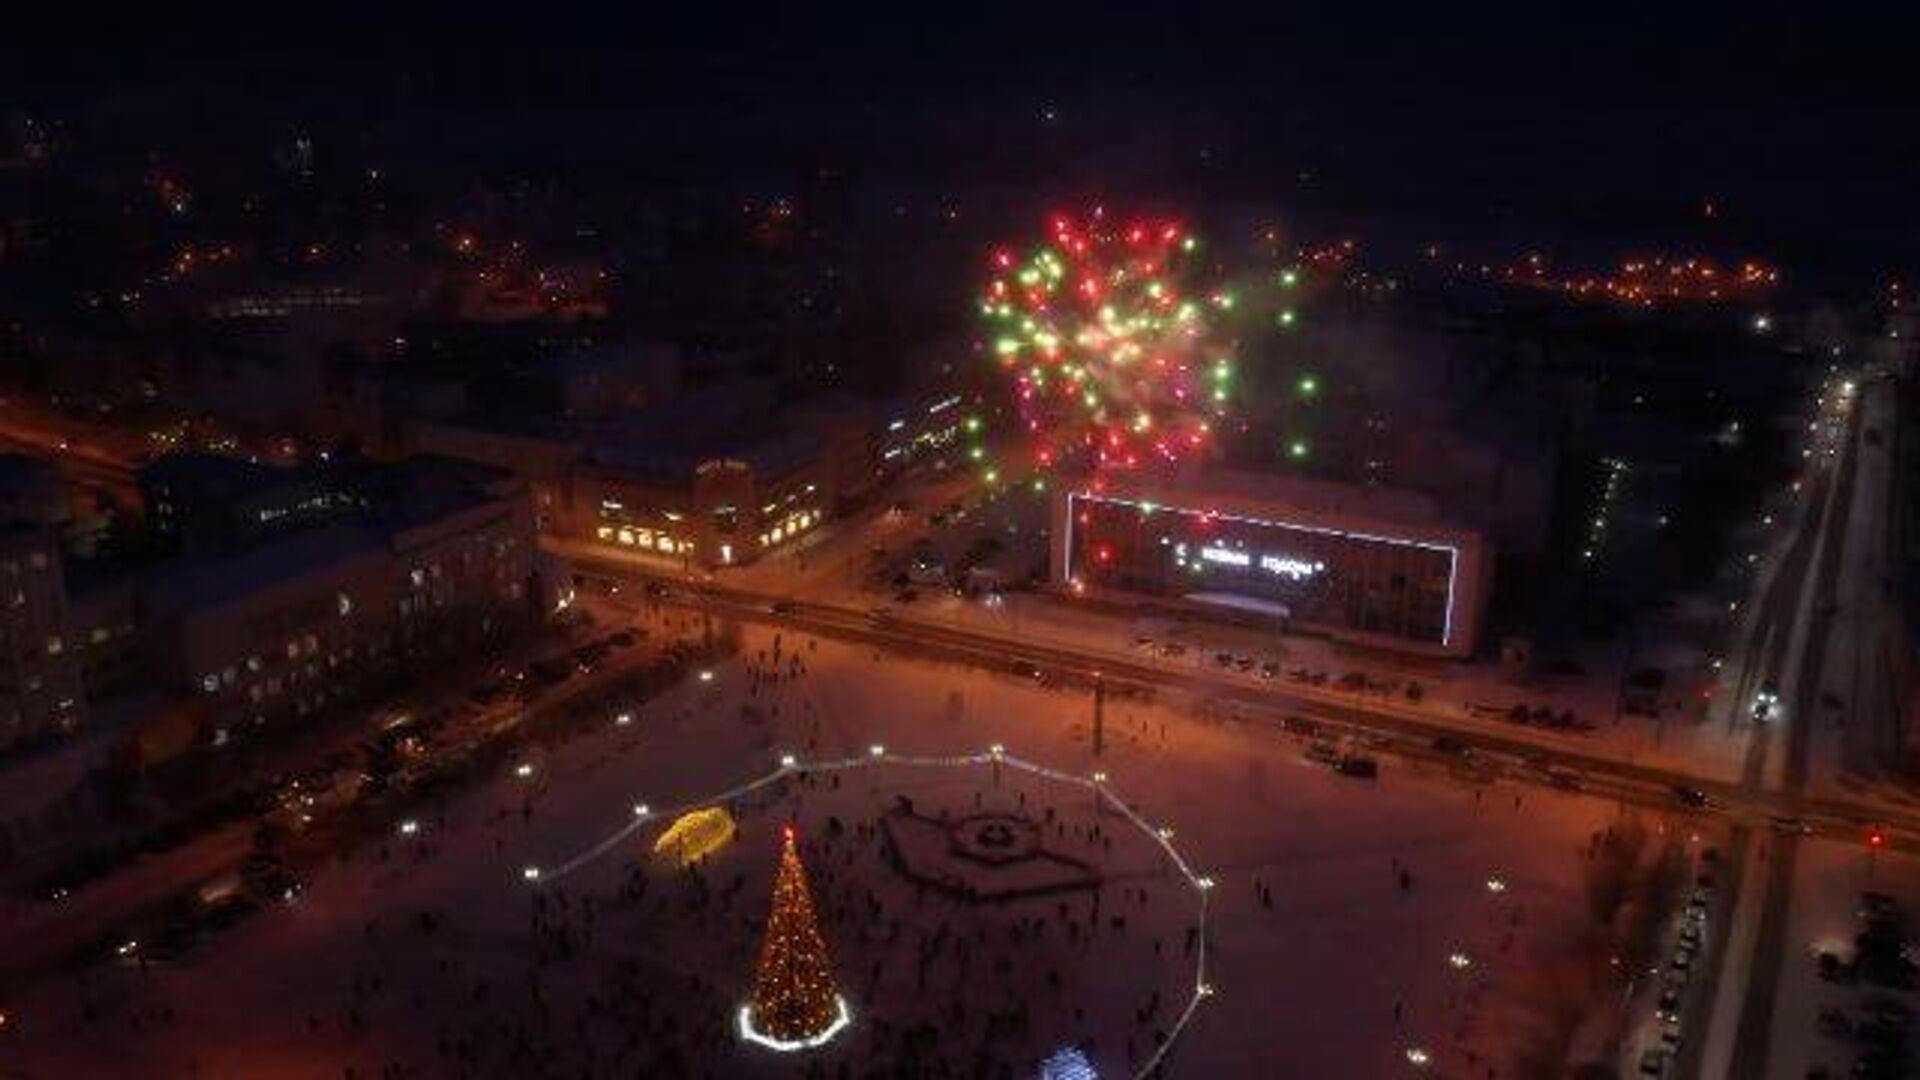 Самая первая елка: на новогоднем дереве в Якутии зажгли огни - РИА Новости, 1920, 02.12.2020